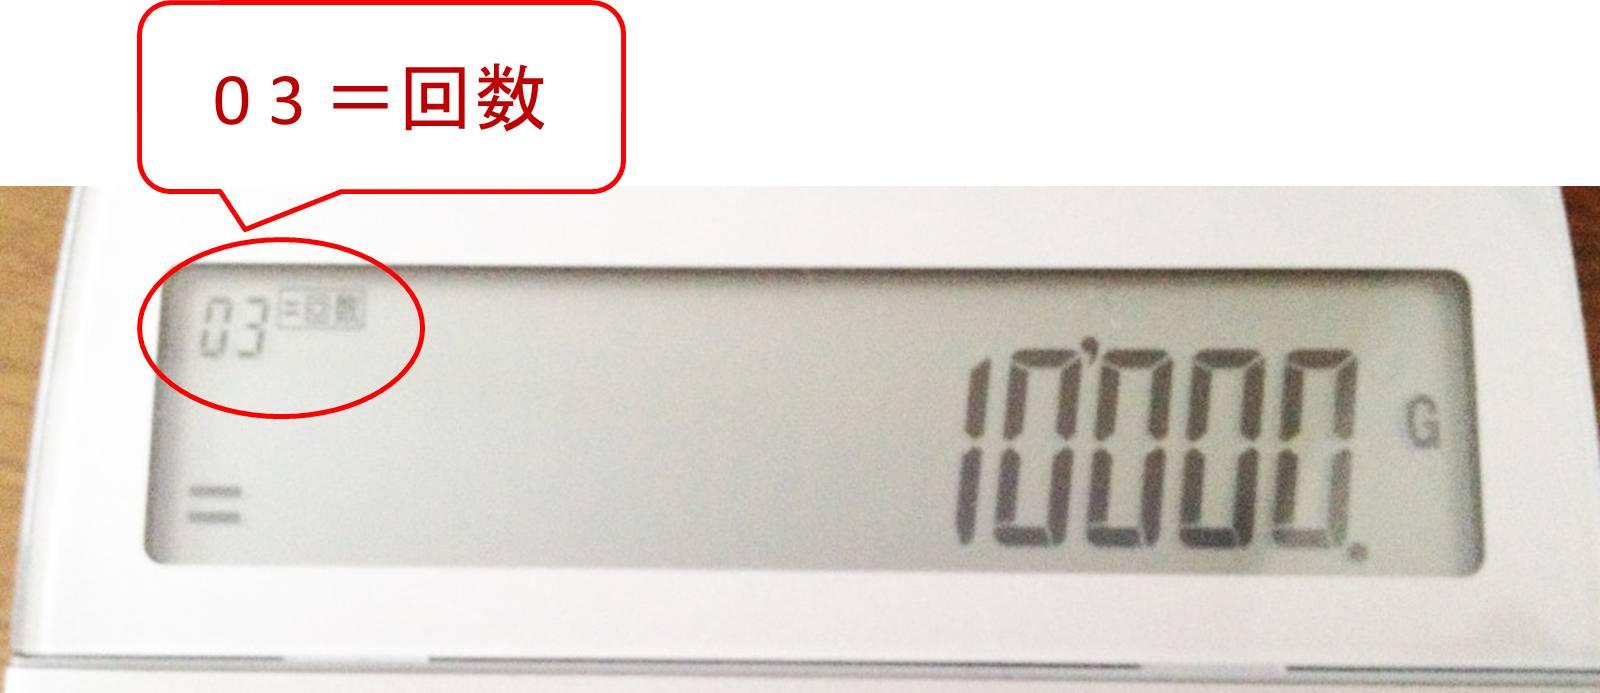 03回数 SHARPタイプ電卓